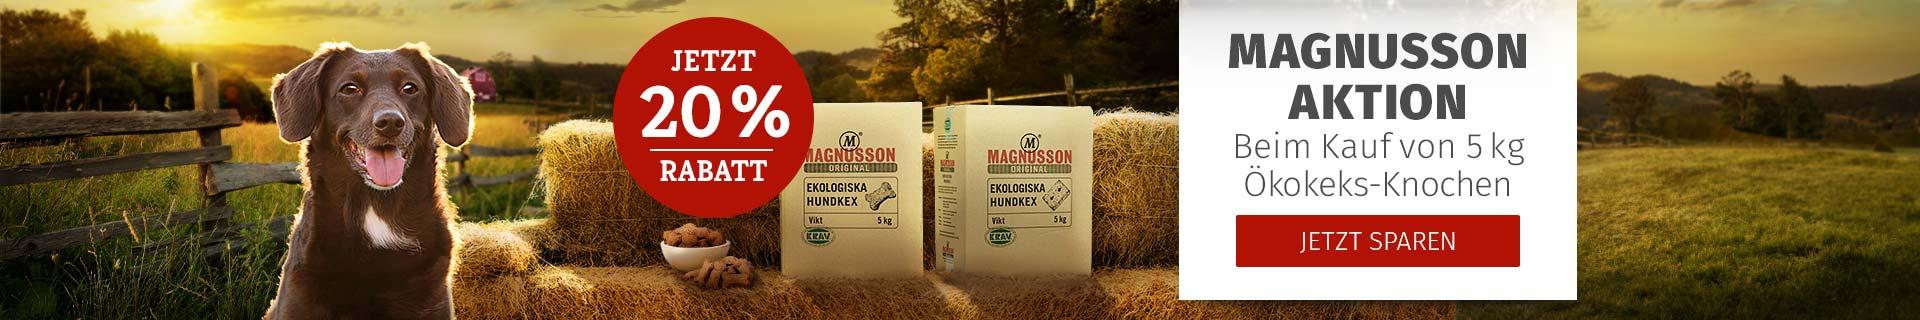 Magnuson Aktion bei Kauf von 5kg Ökokeks Knochen